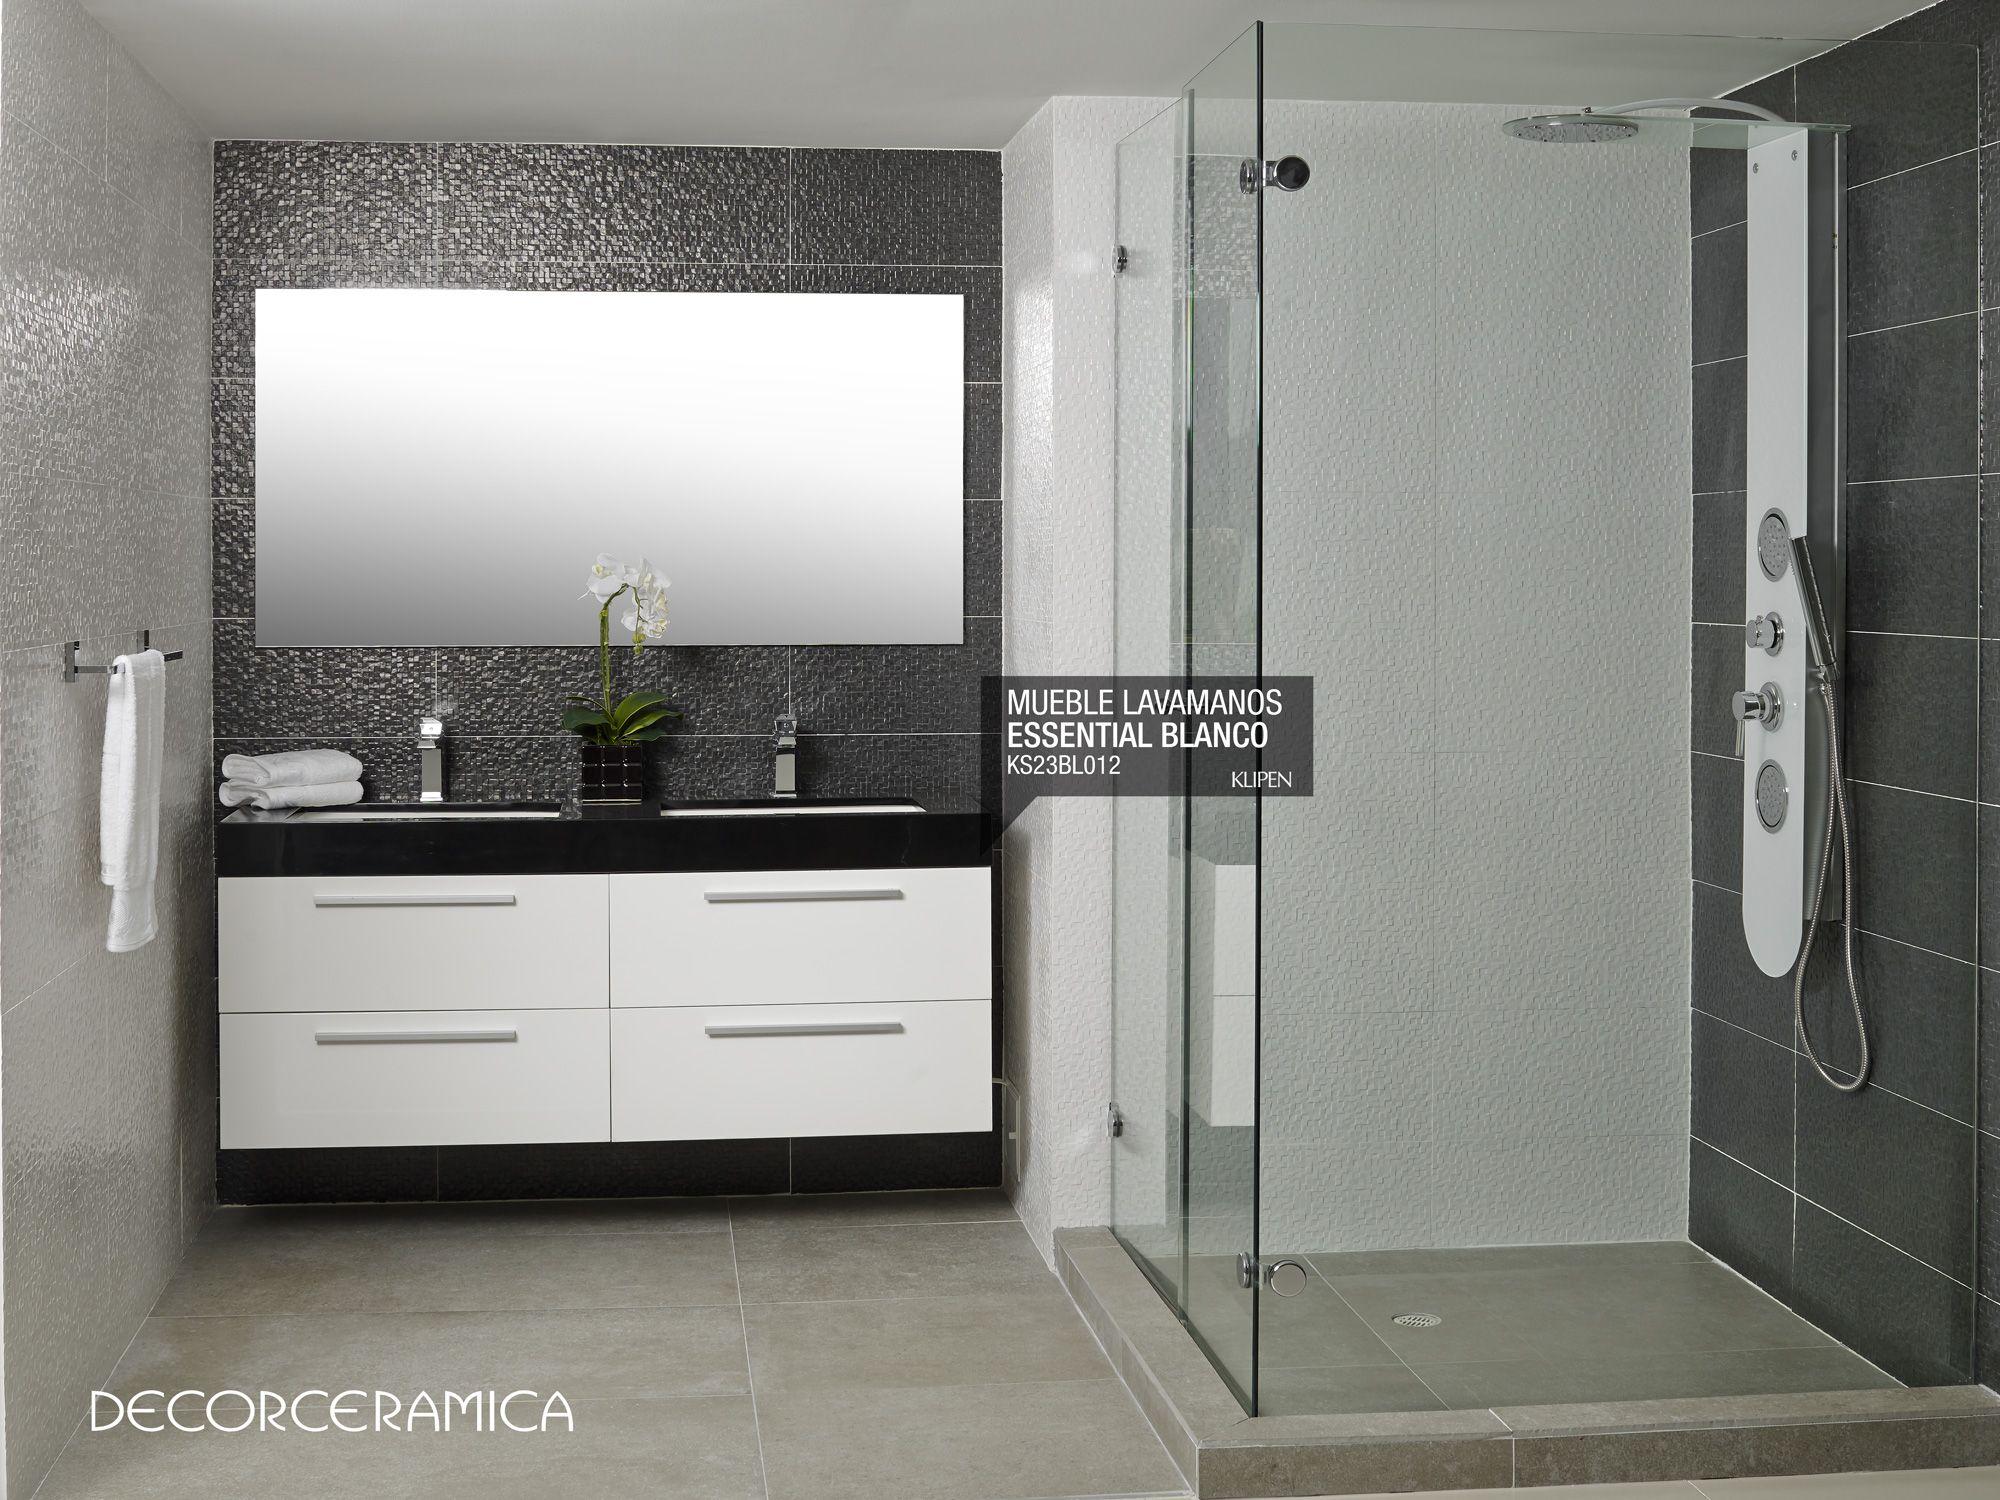 Mueble Lavamanos Essential Blanco Negro De Klipen El Confort Y  # Muebles Easy Bogota